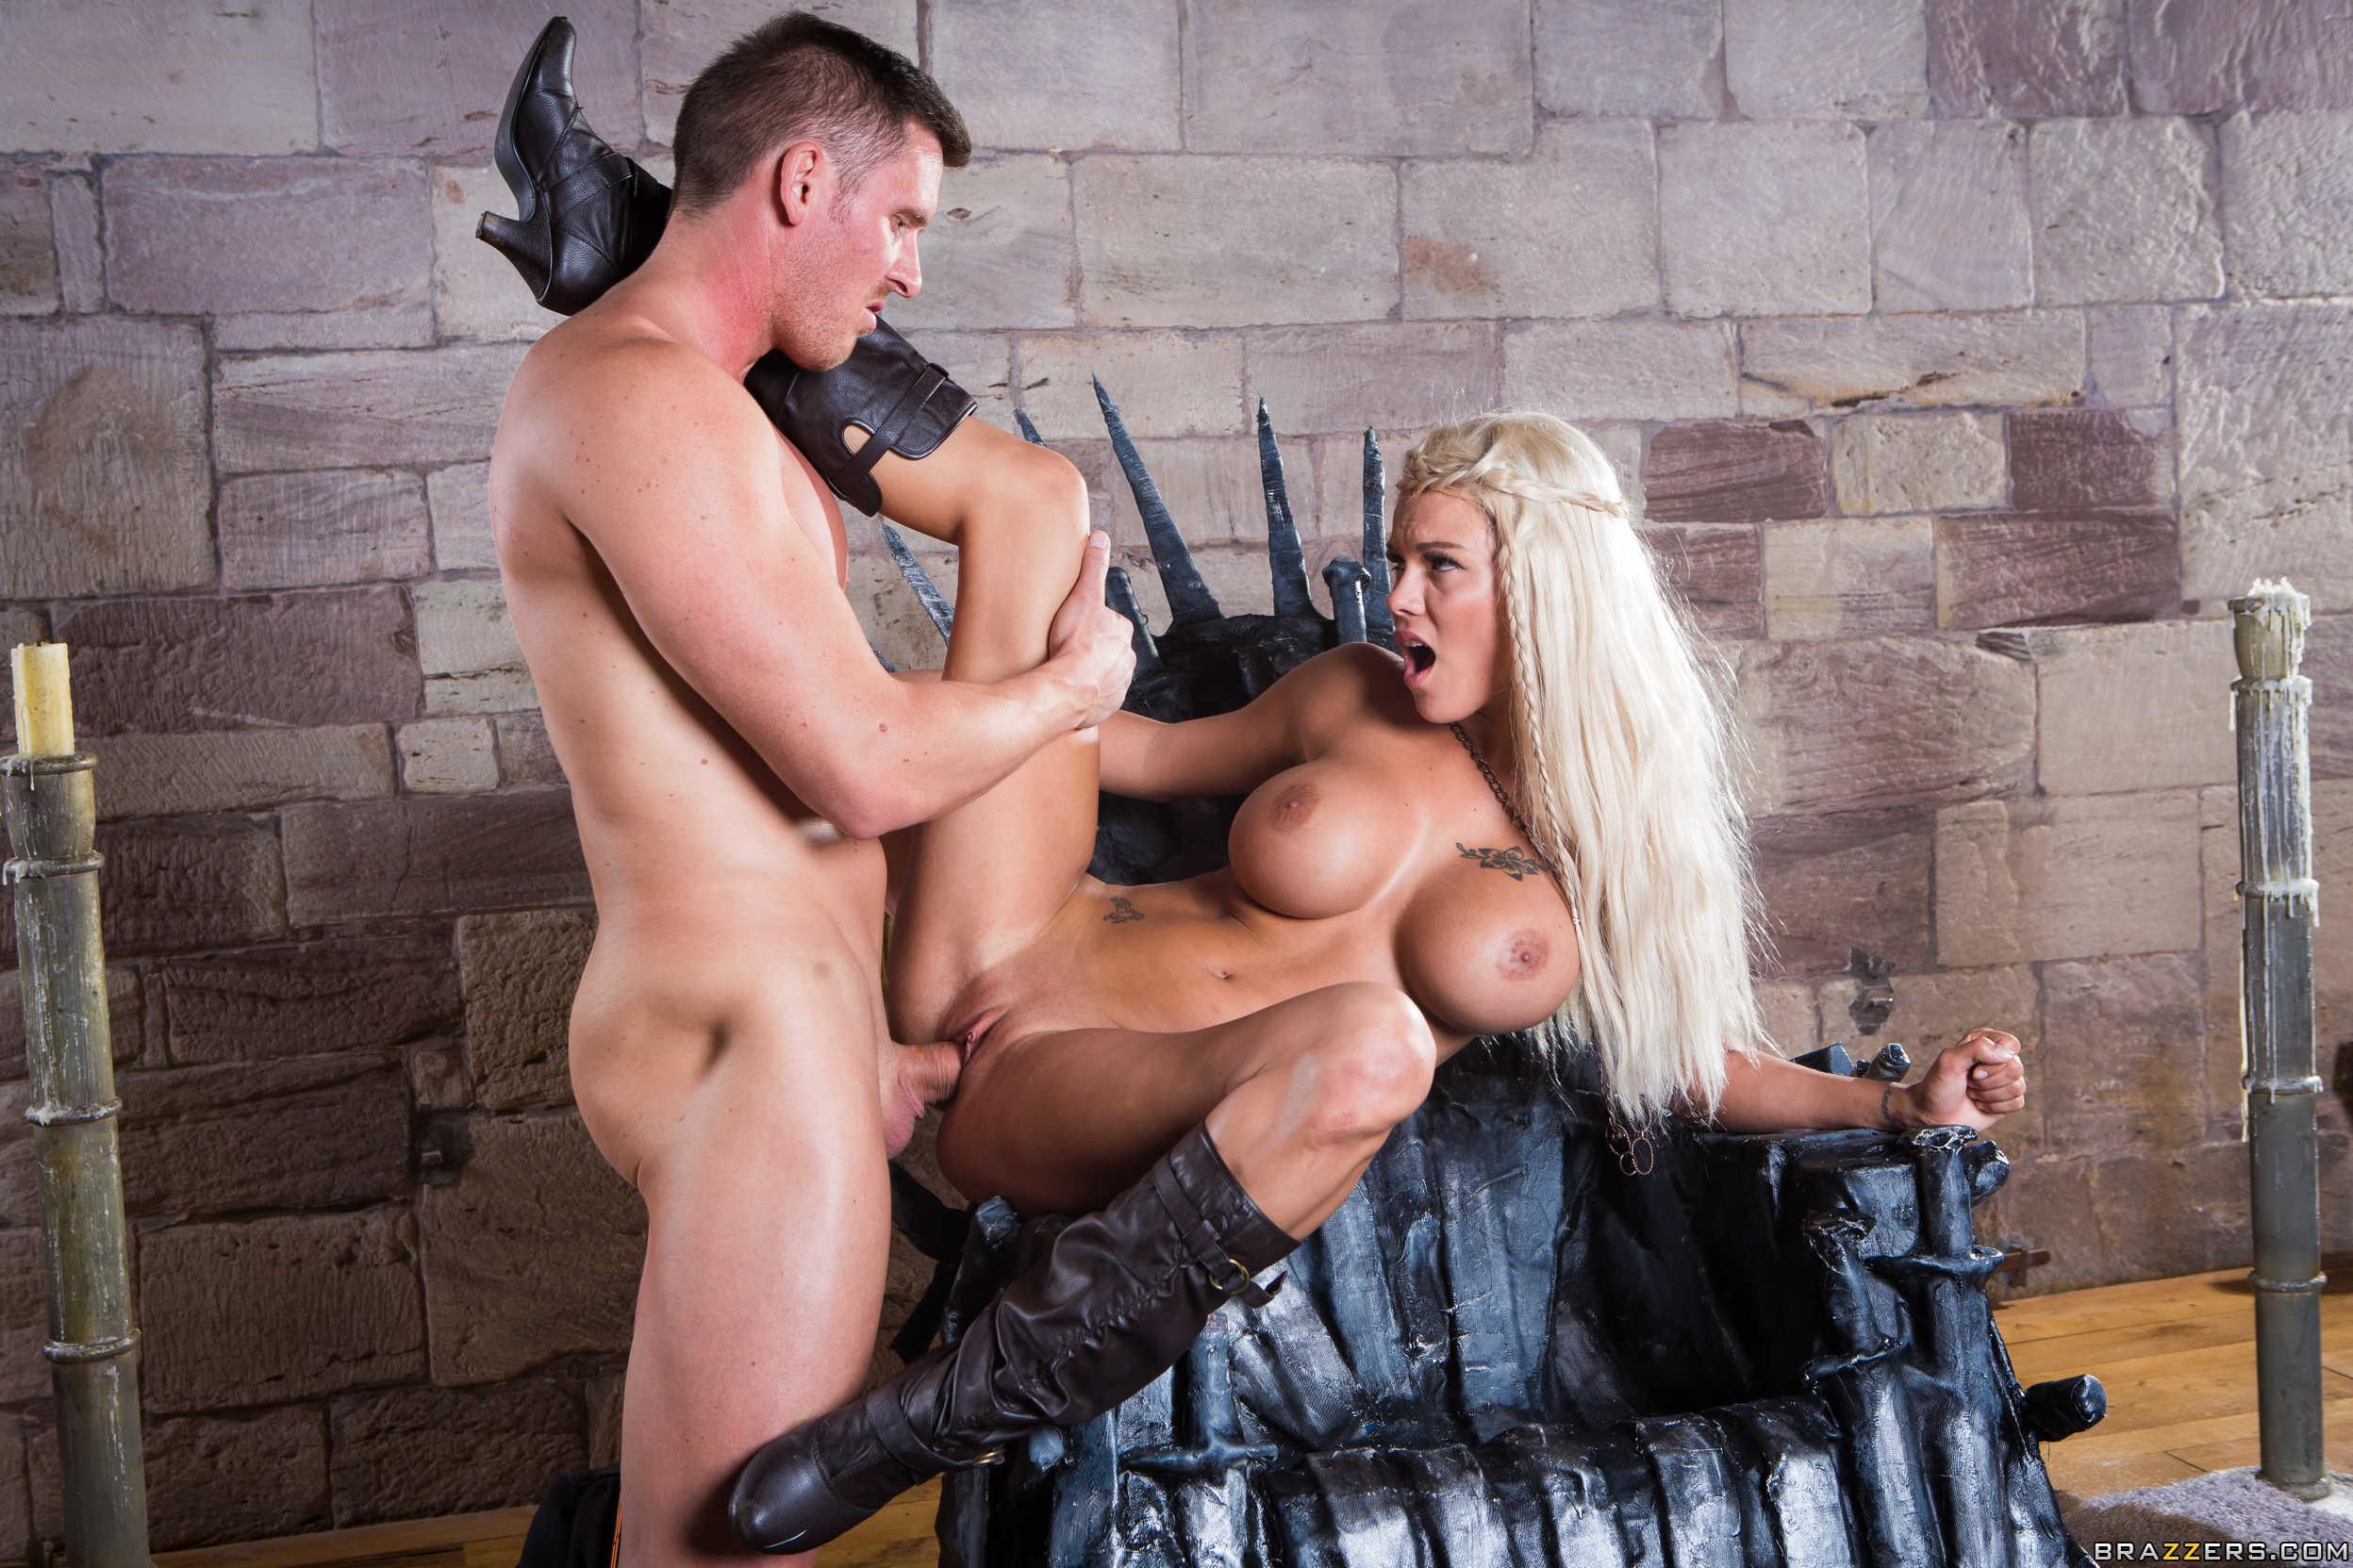 Смотреть порно про королей бесплатно, Гроза Королей: Порно Пародия » Порно фильмы 10 фотография